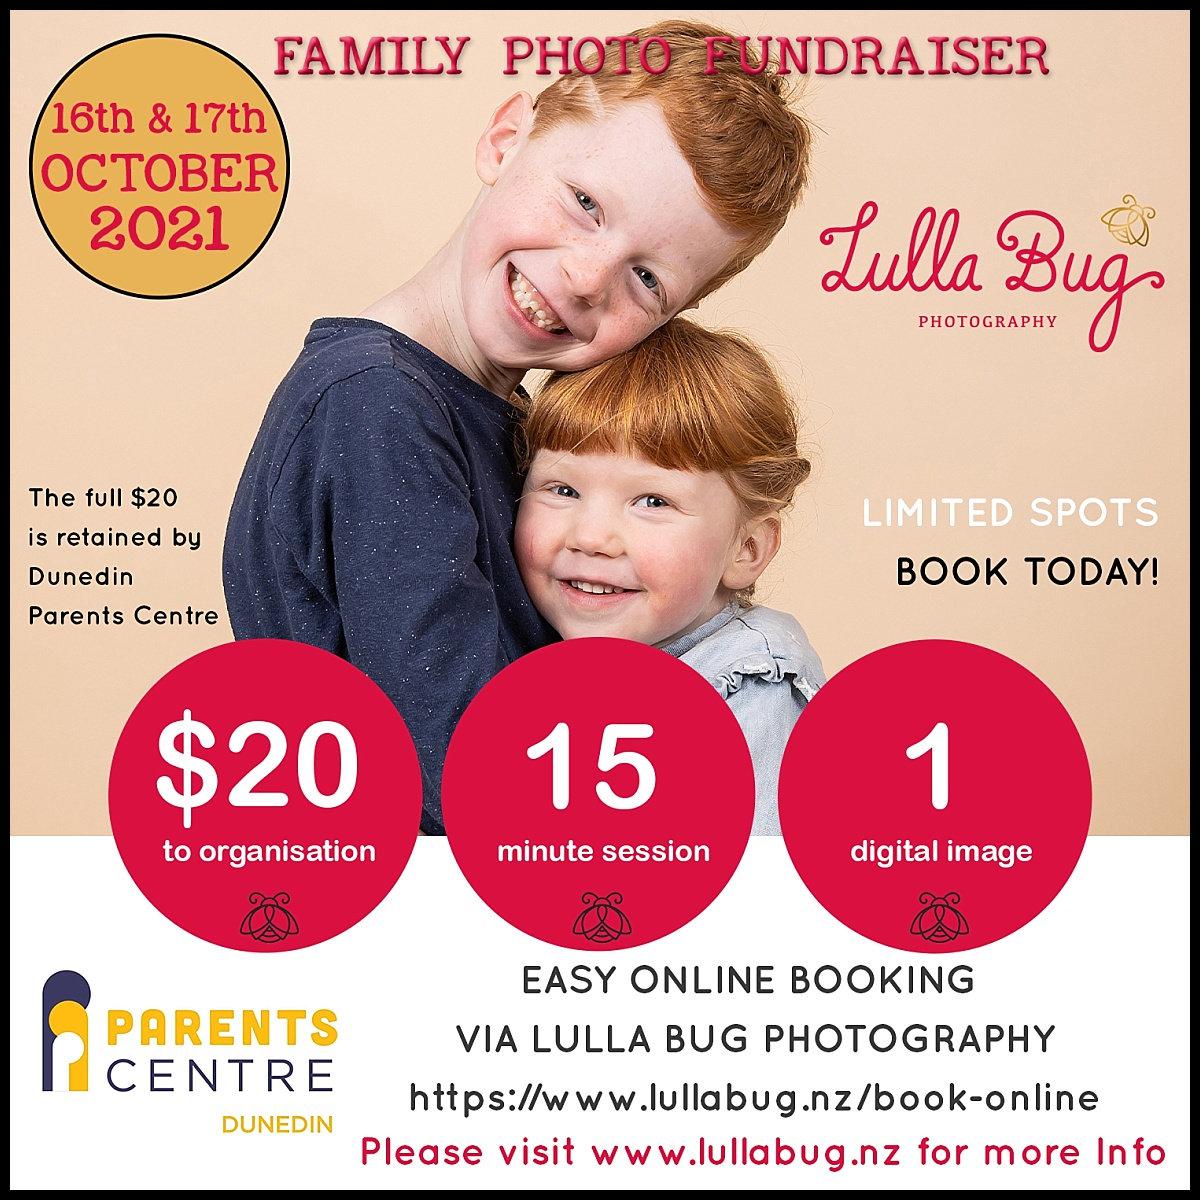 Dunedin Parents Centre Fundraiser